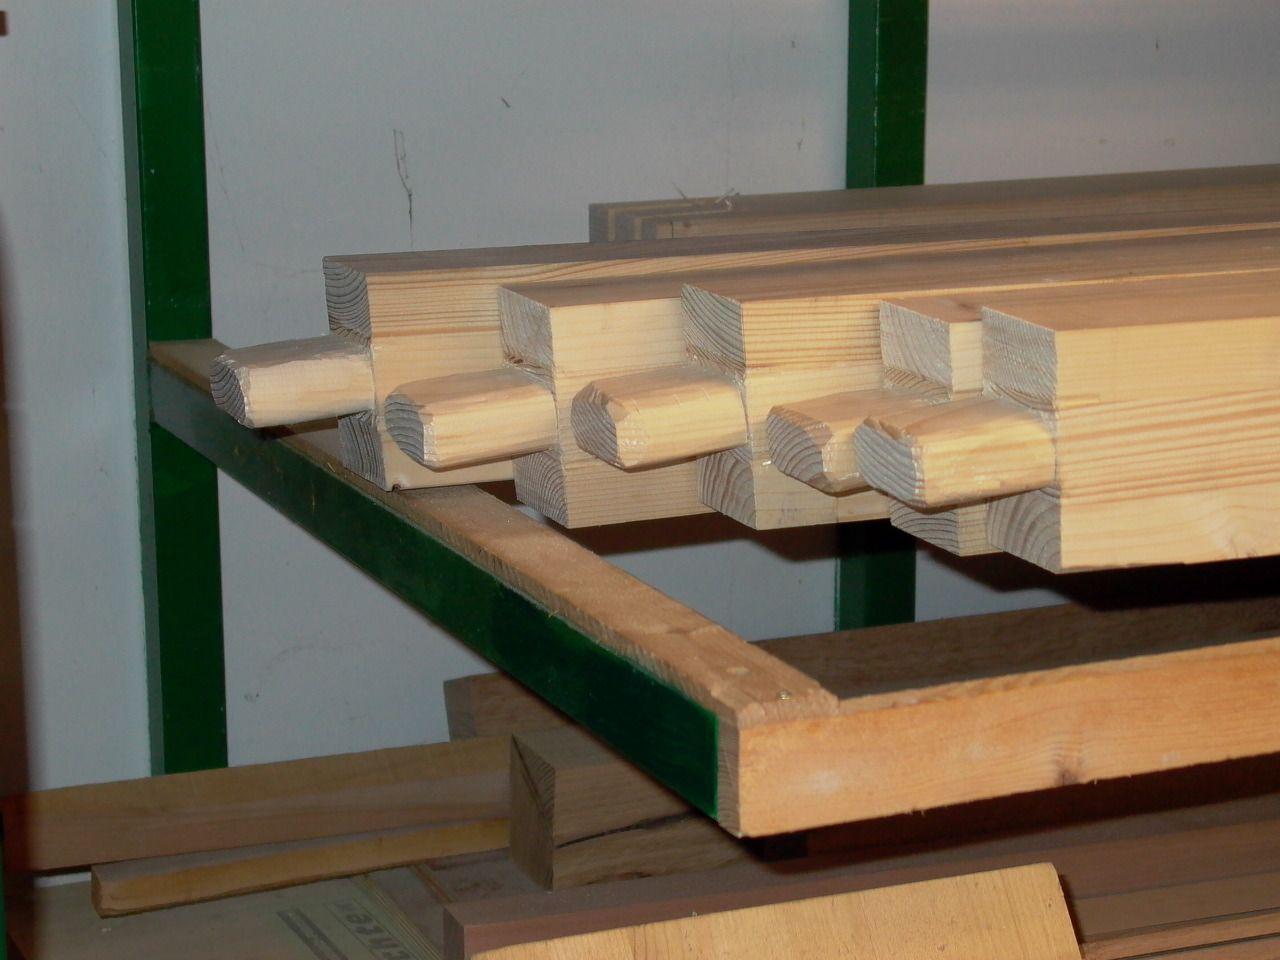 Gefräste schräge Zapfen mit dem Stechbeitel nachbearbeitet